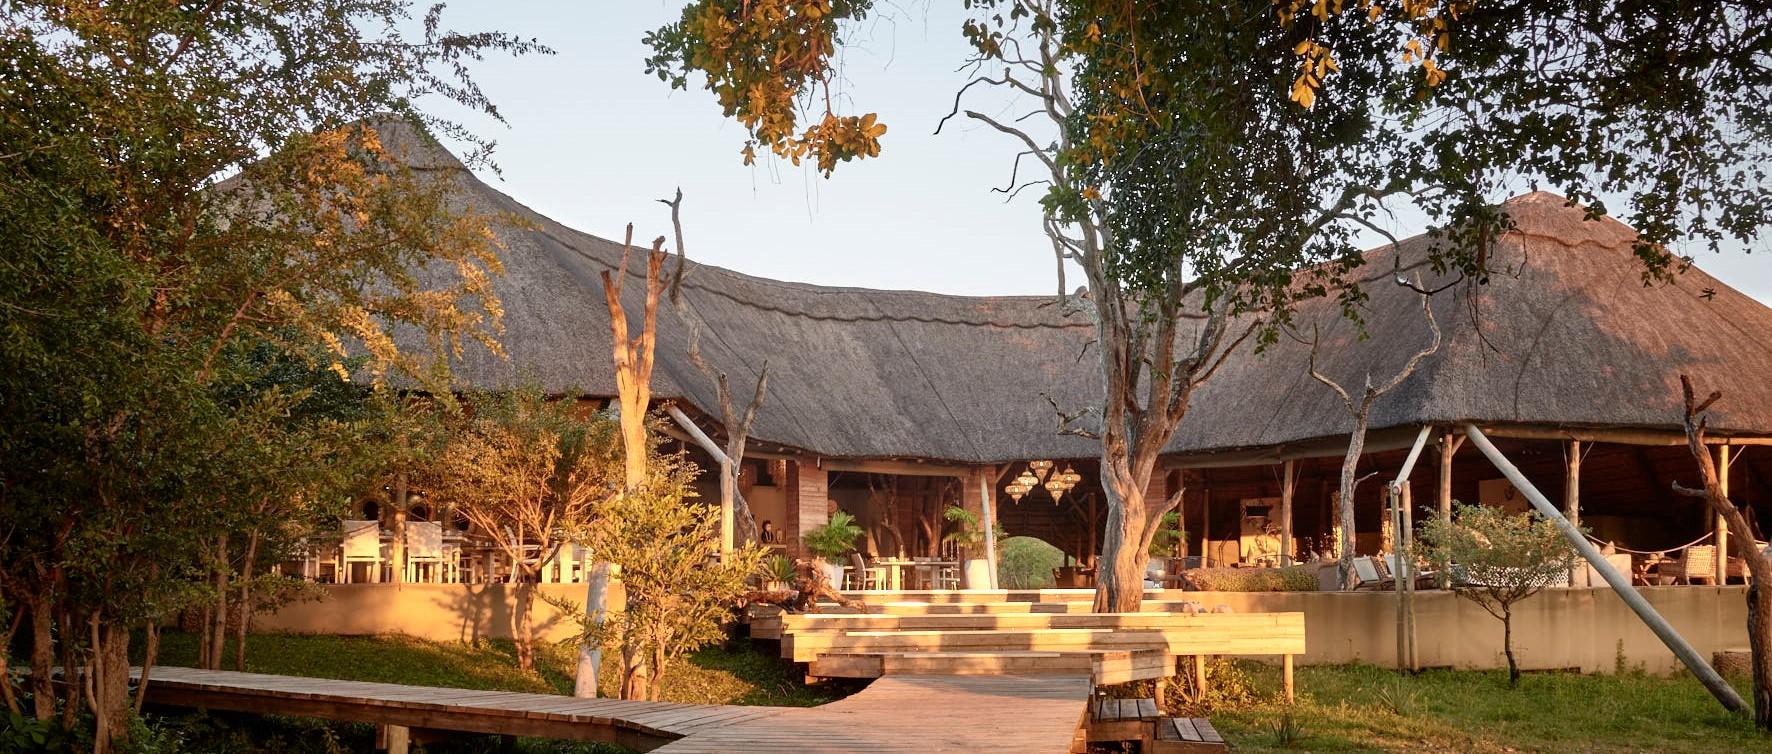 victoria-falls-river-lodge-main-building